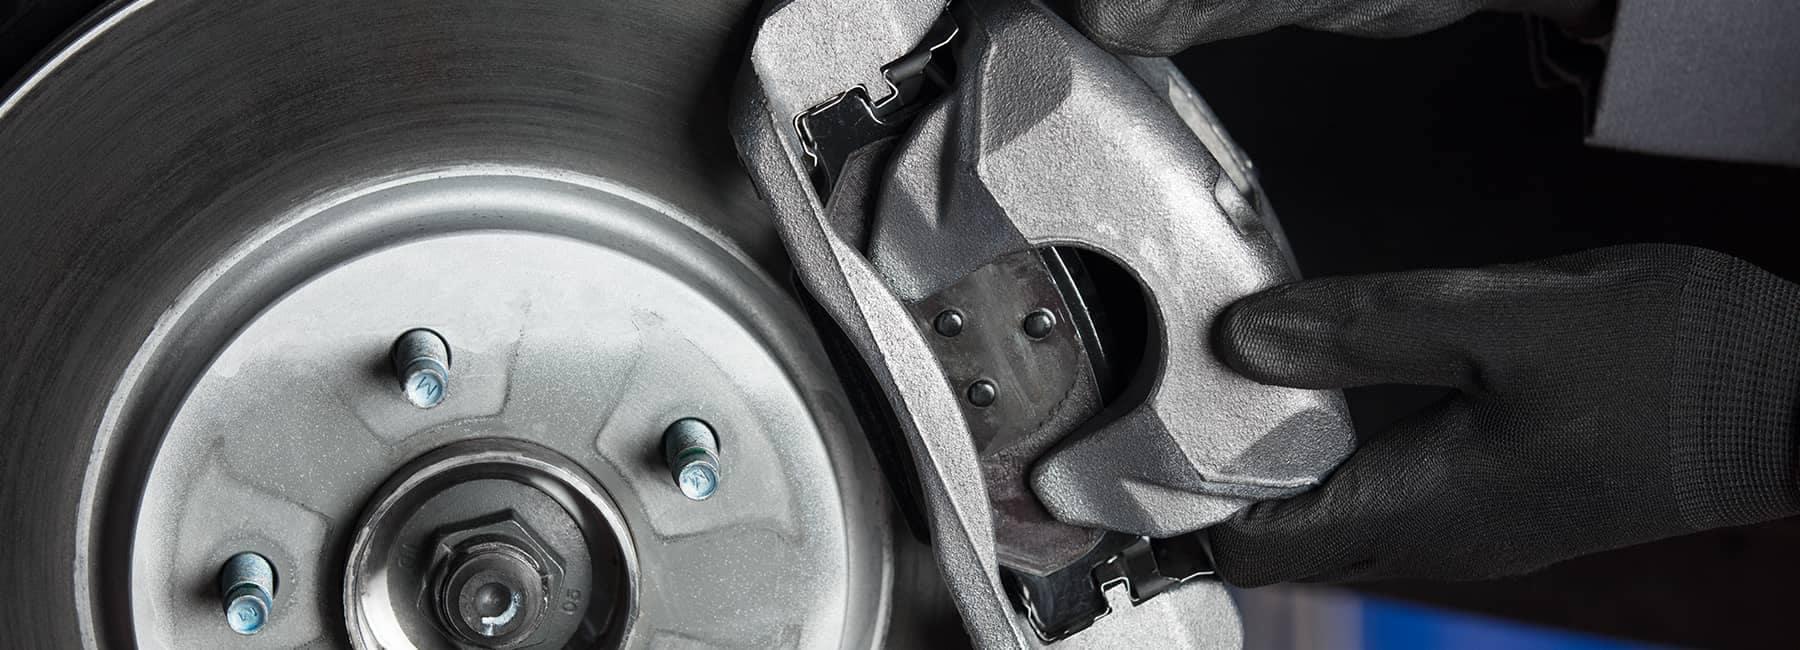 GM Brakes and Rotors